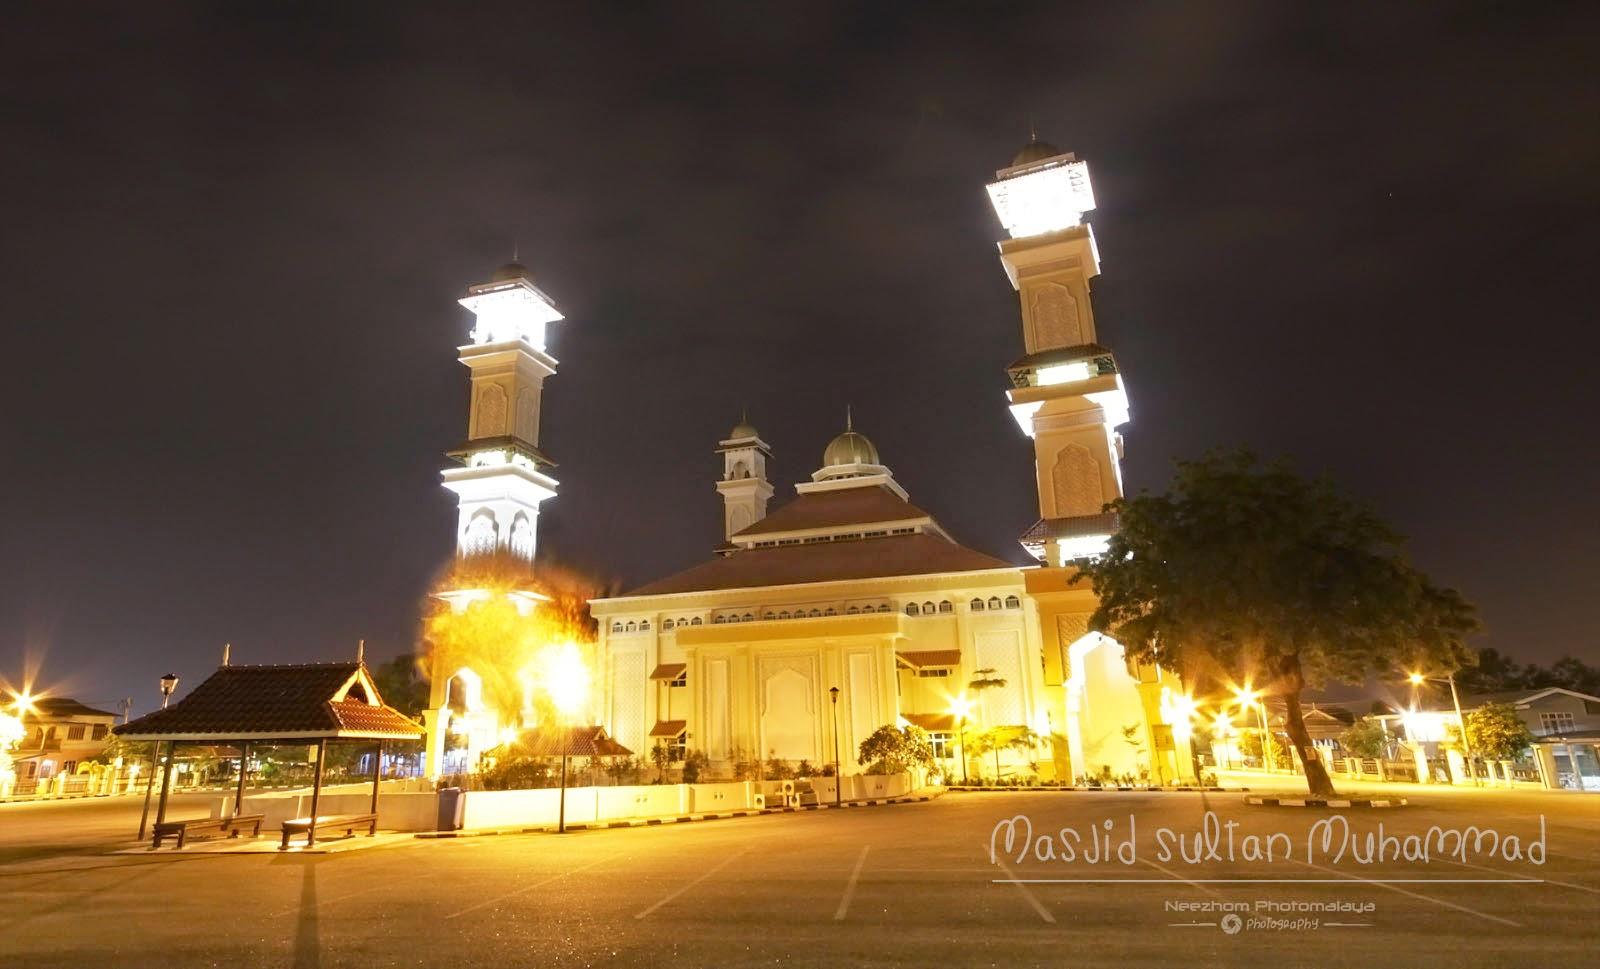 Masjid Sultan Muhammad, Bukit Besar